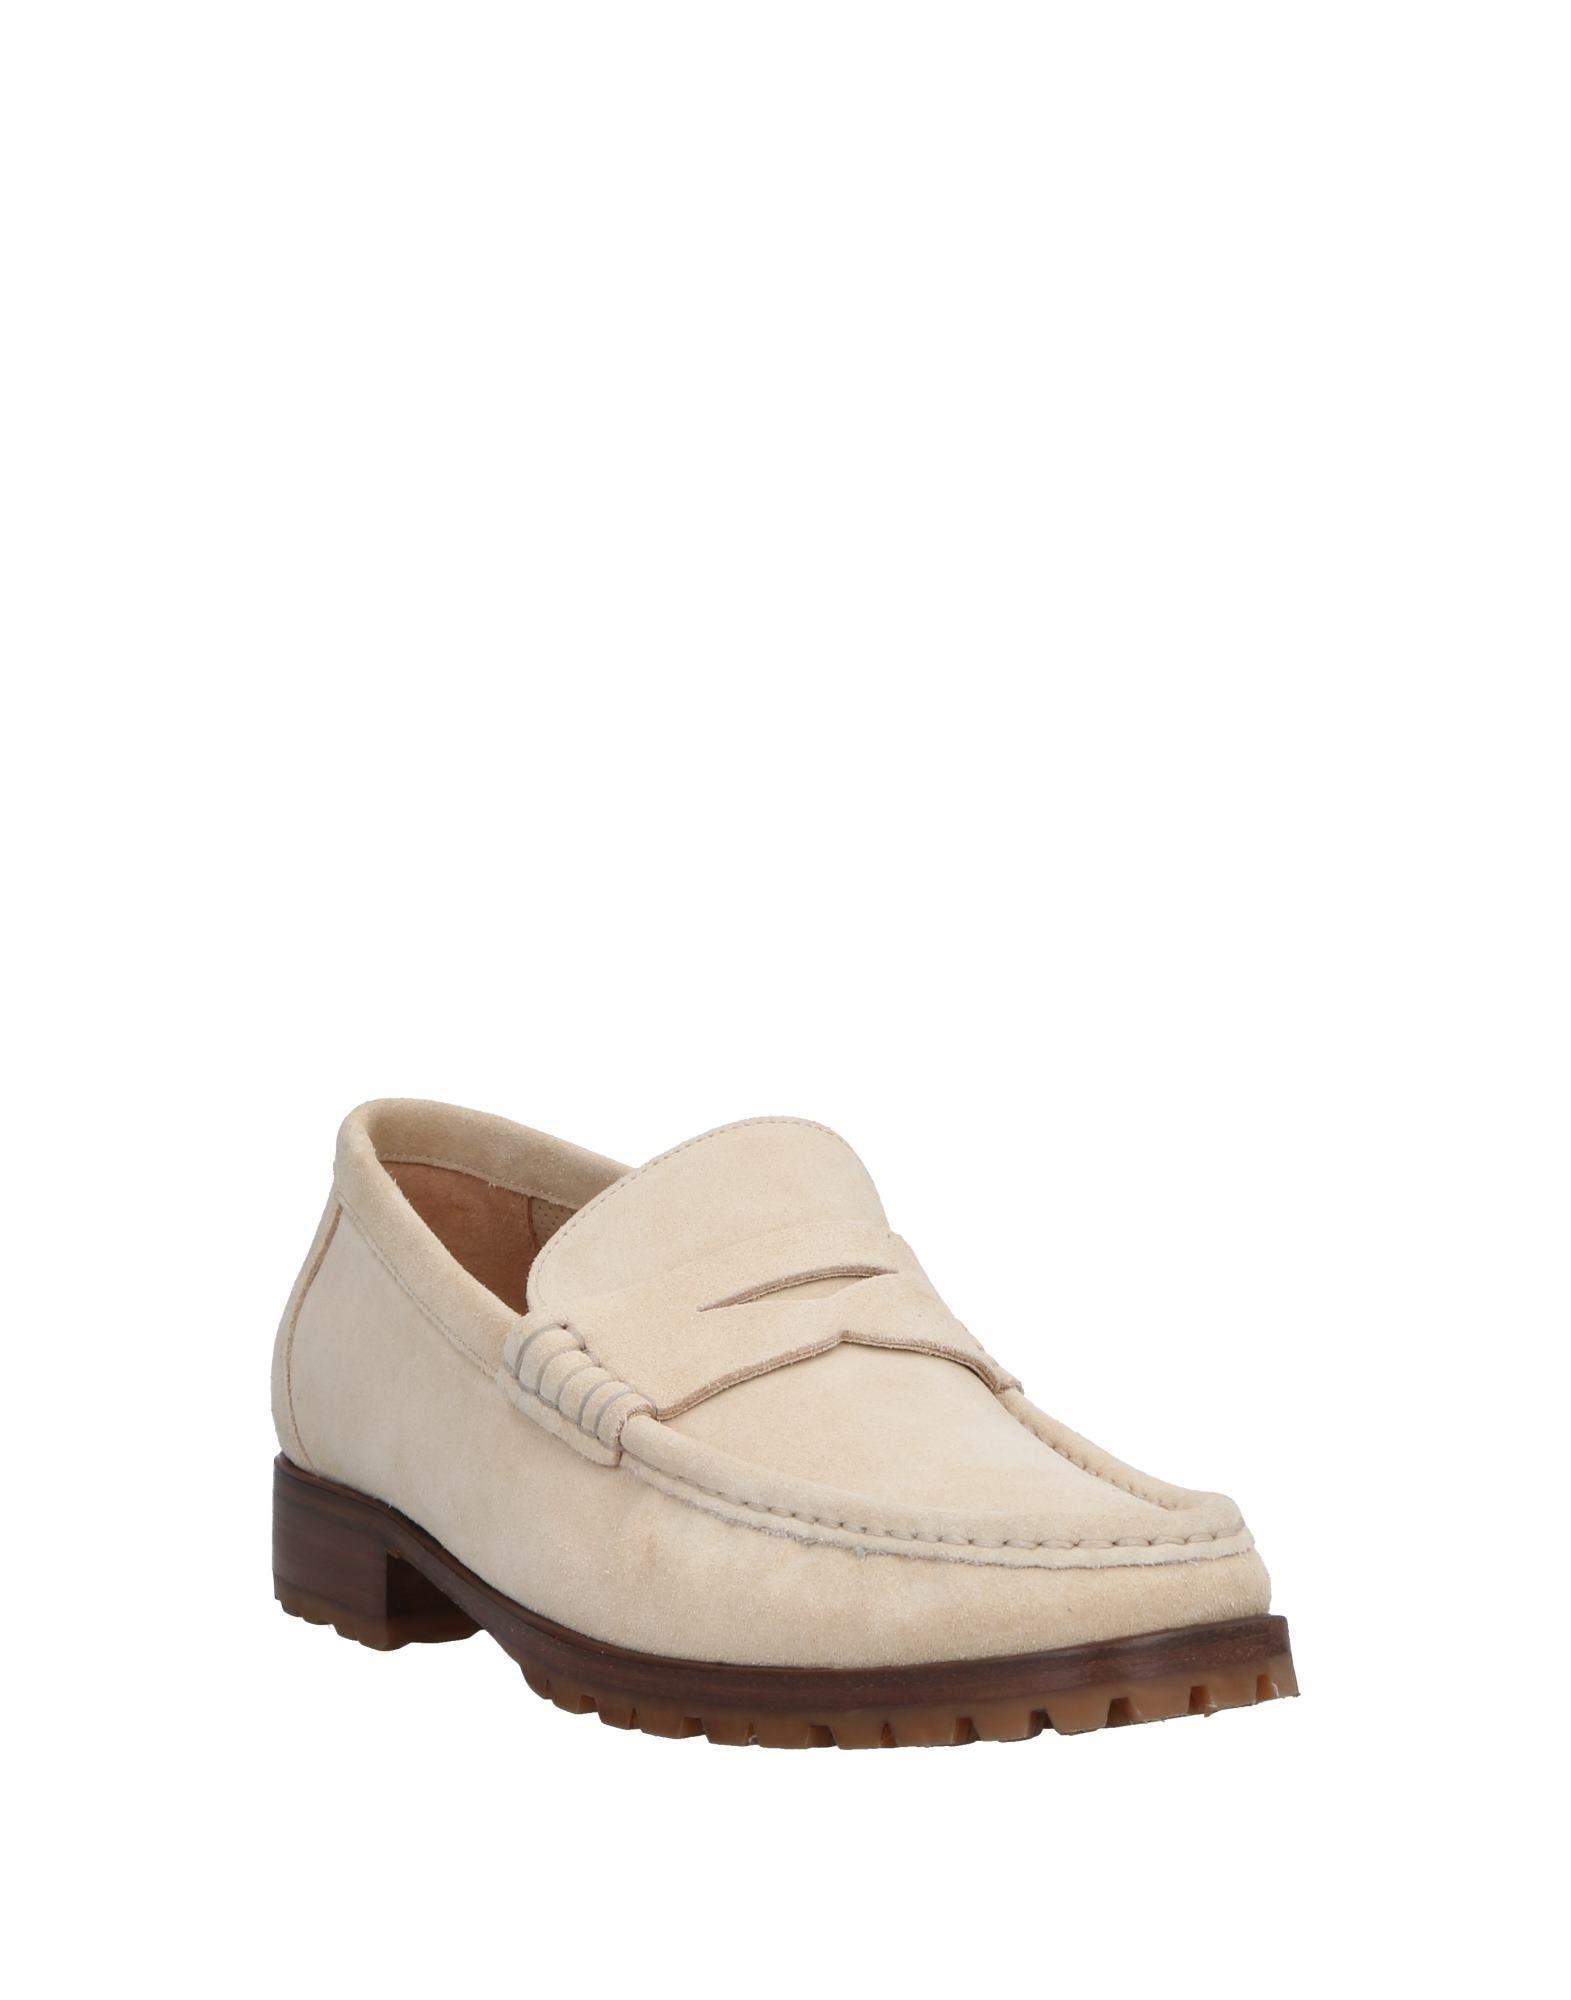 A.Testoni Gute Mokassins Herren  11543143NP Gute A.Testoni Qualität beliebte Schuhe ce105d